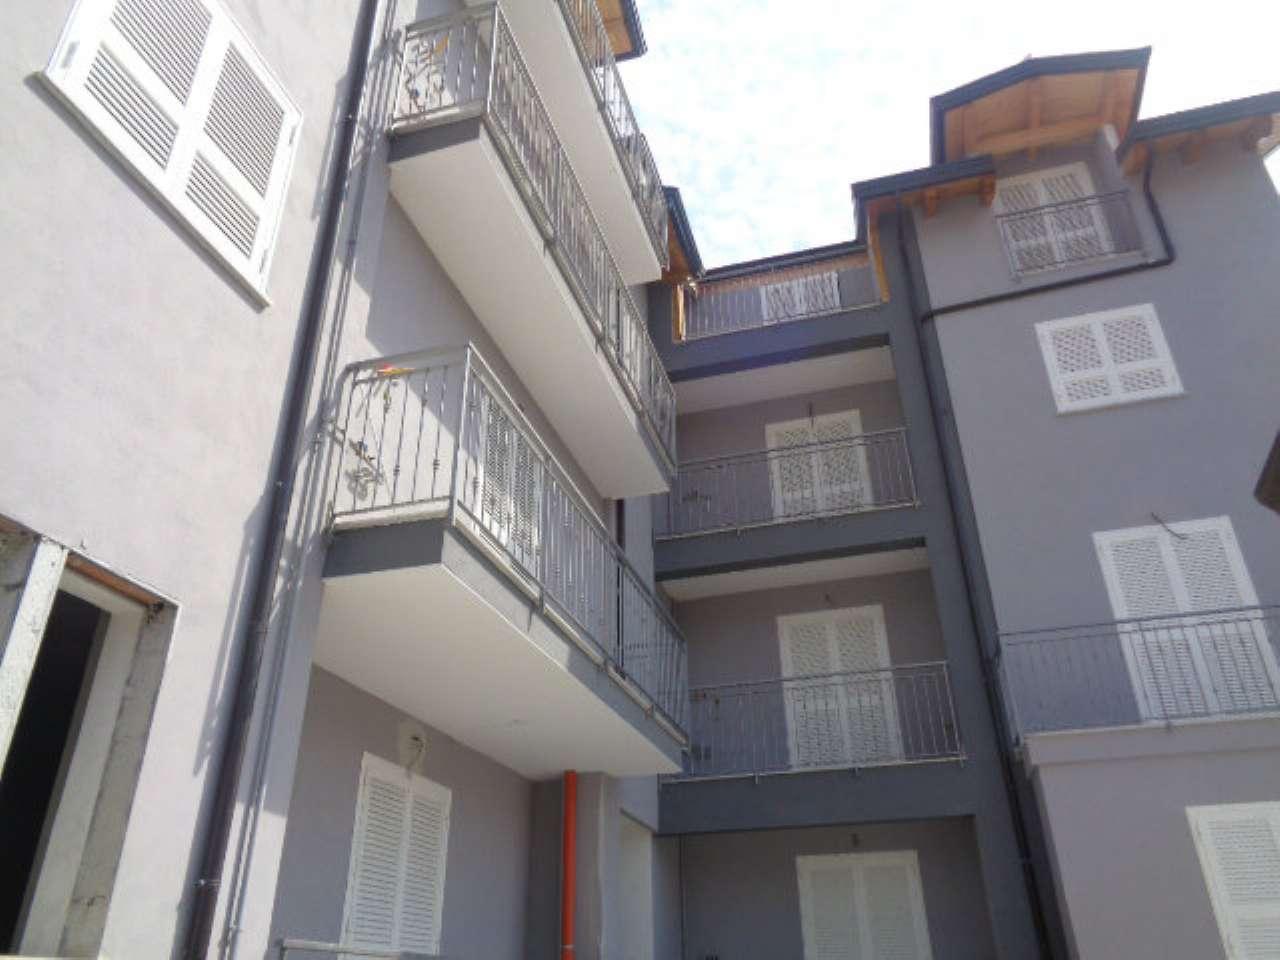 Appartamento in vendita a Marano di Napoli, 3 locali, prezzo € 141.000 | Cambio Casa.it